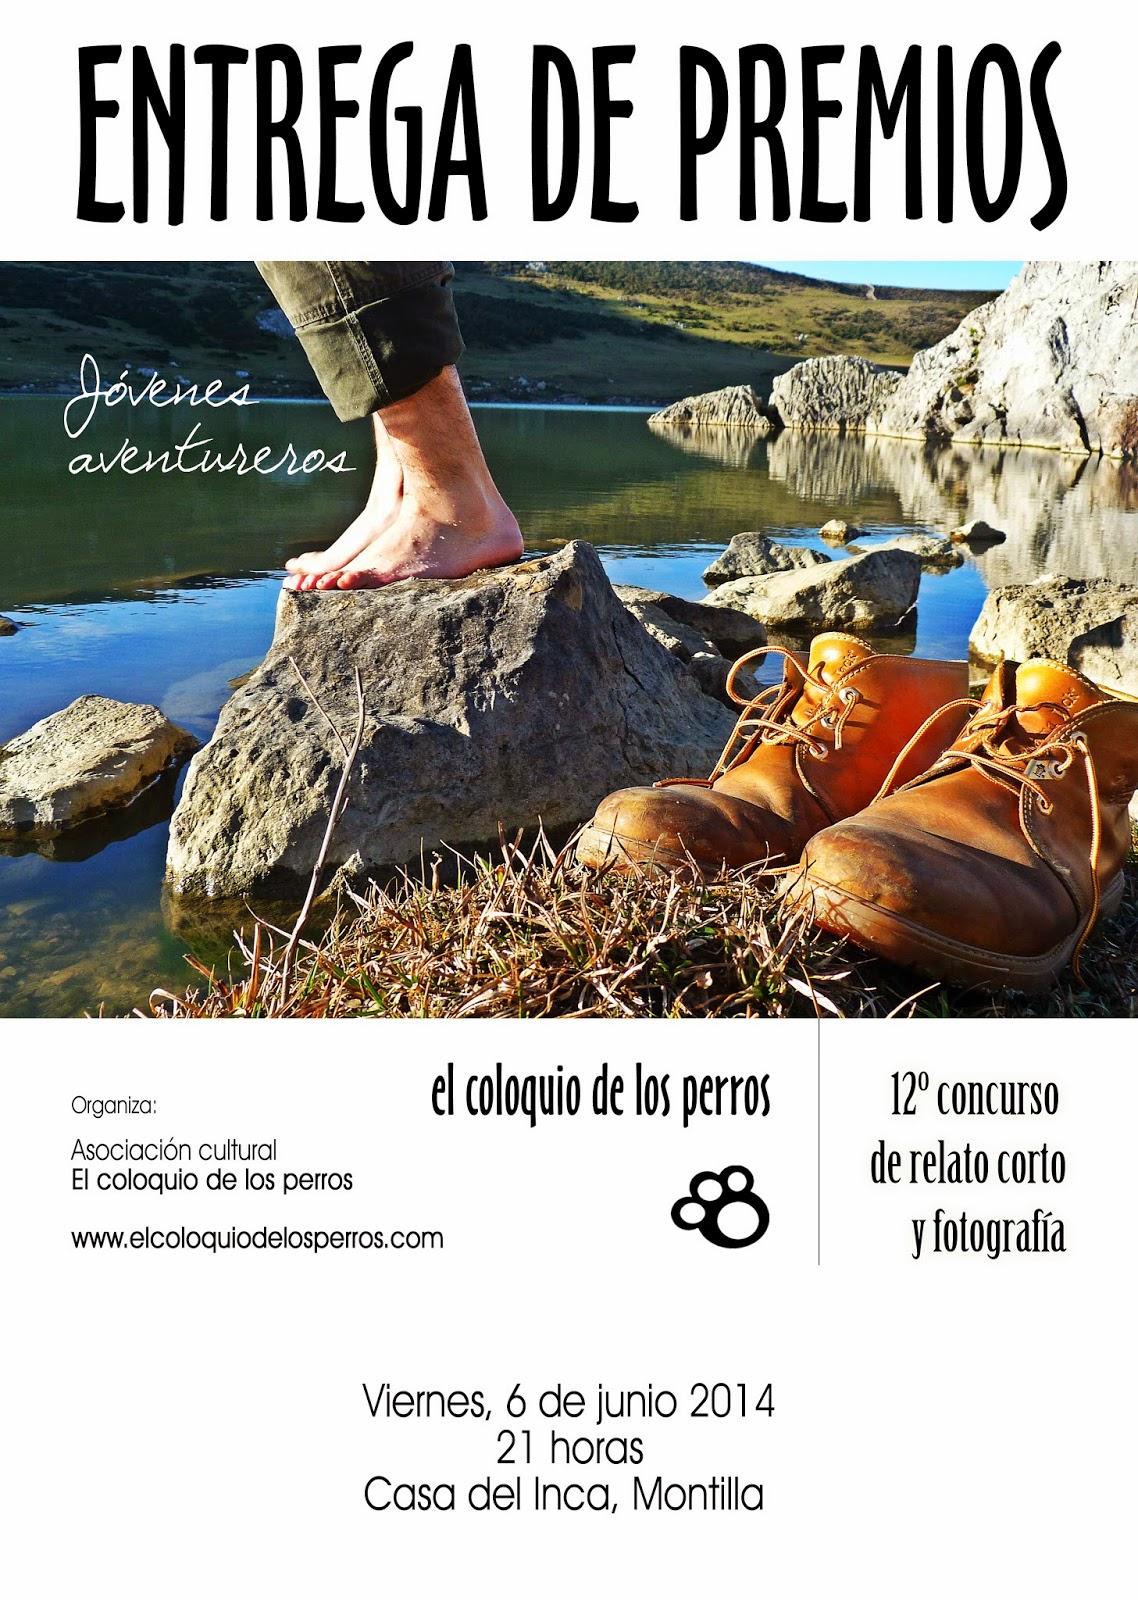 http://www.elcoloquiodelosperros.com/2014/04/el-12-concurso-de-relato-corto-y.html